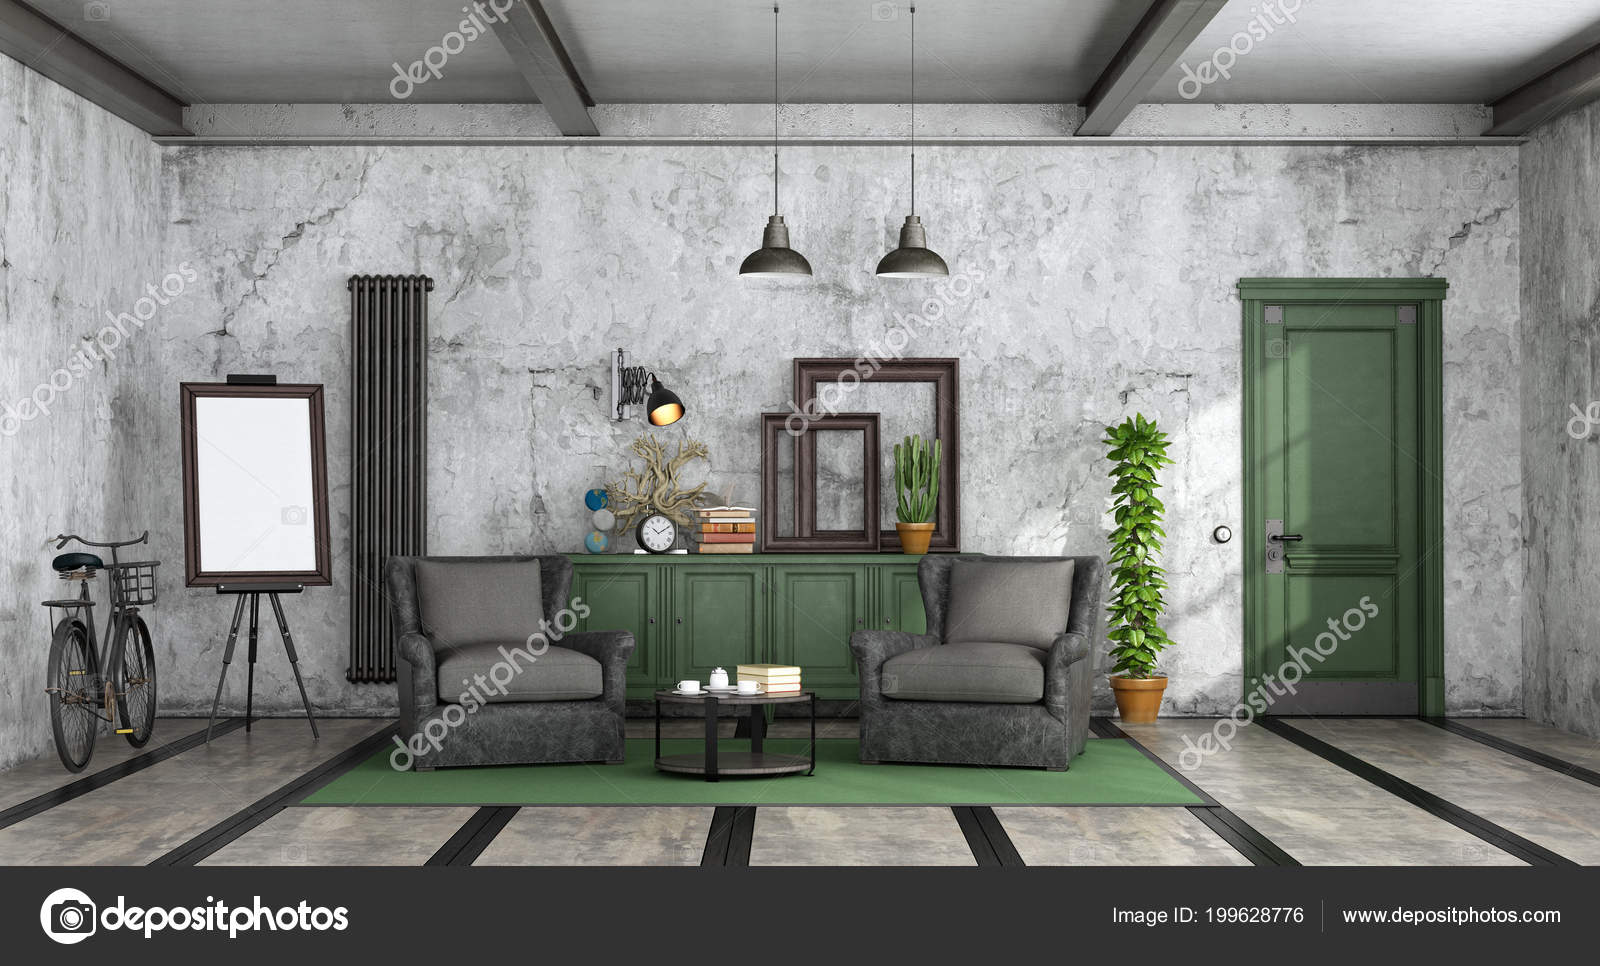 Entzuckend Wohnzimmer Industriellen Stil Mit Alten Ledersessel Sideboard Und  Geschlossener Tür U2014 Stockfoto